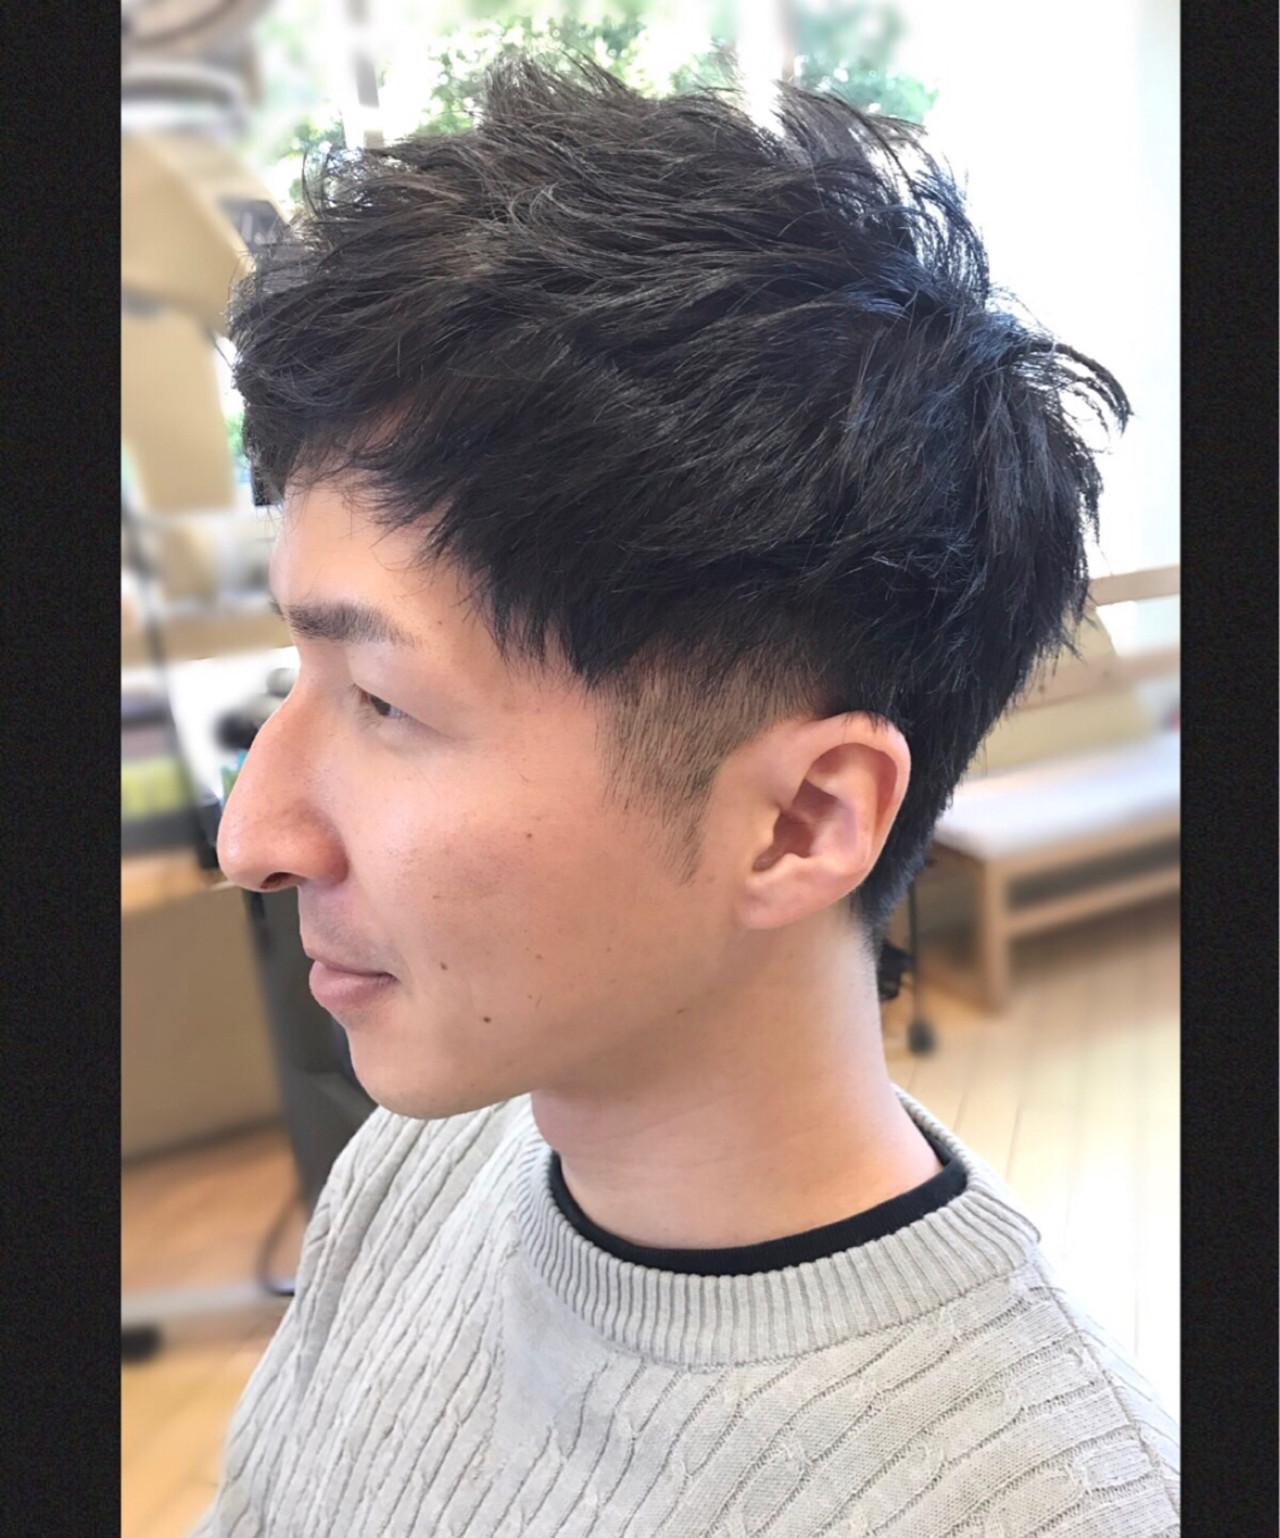 刈り上げ 黒髪 メンズ ナチュラル ヘアスタイルや髪型の写真・画像